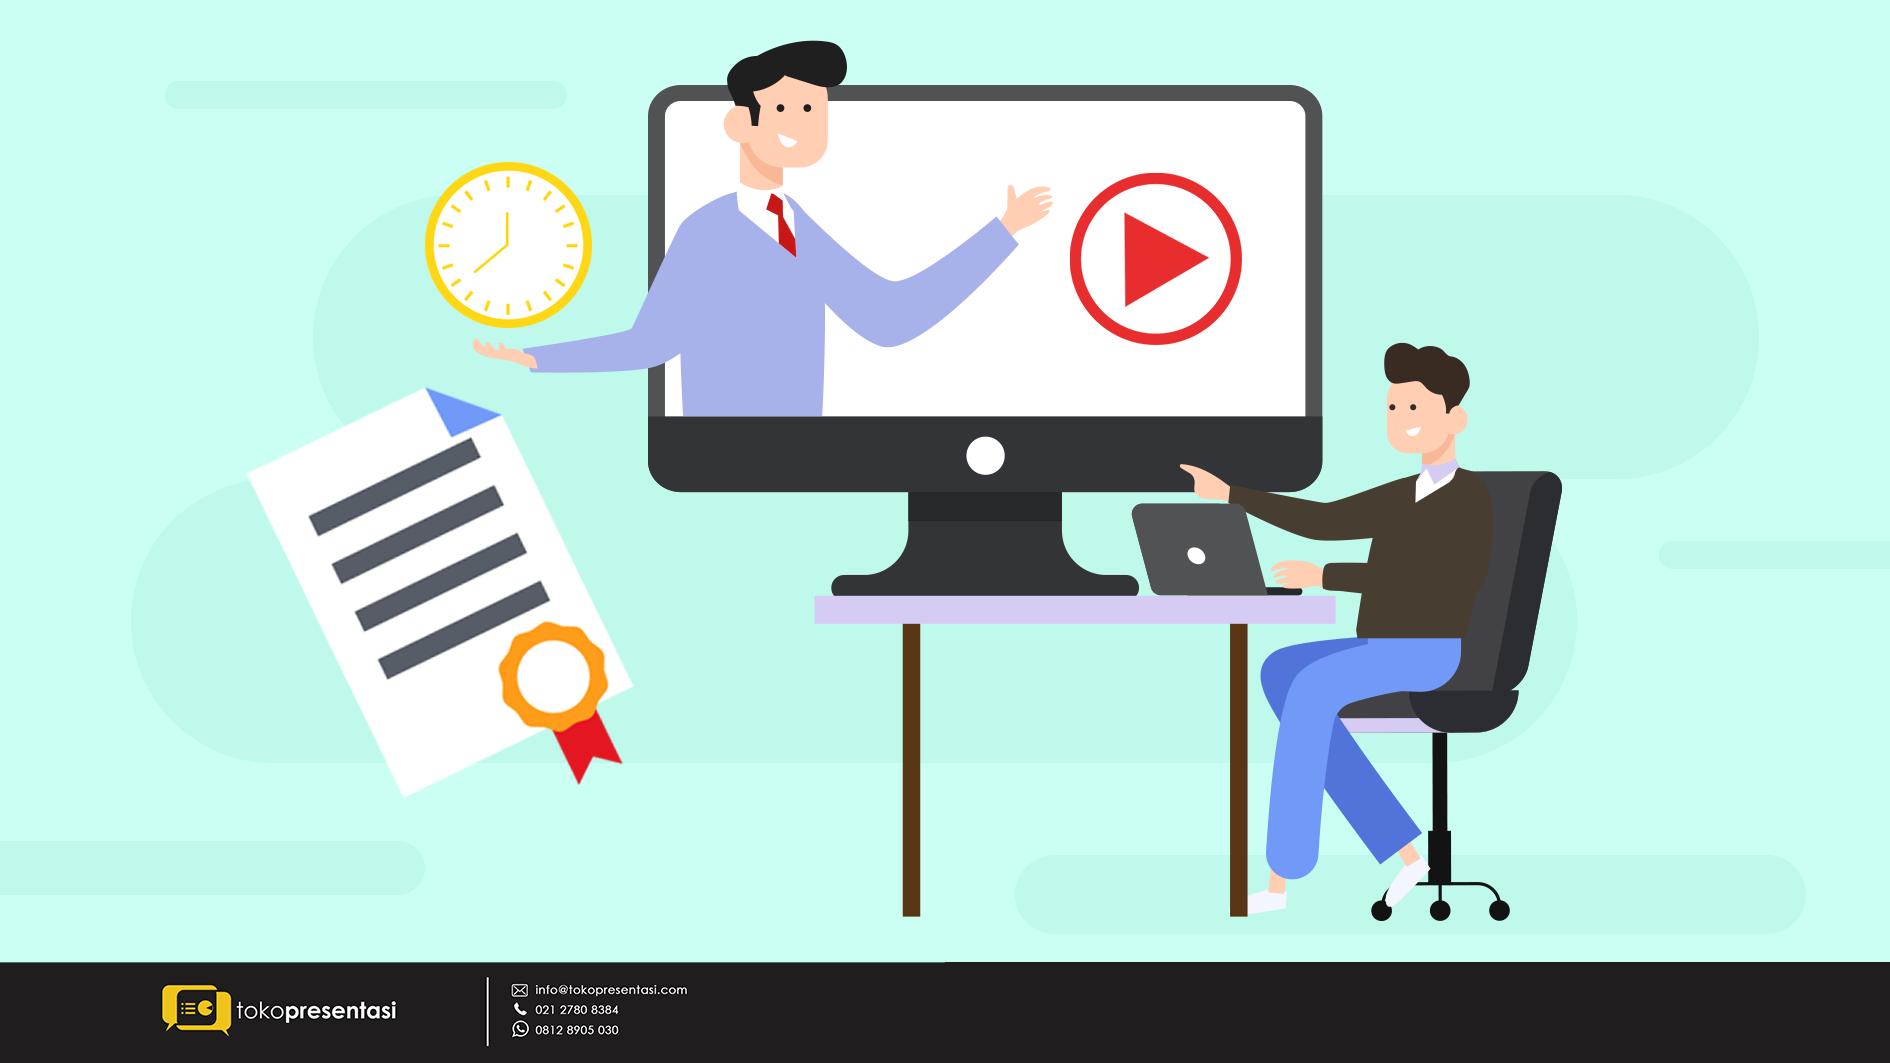 Rahasia Membuat Presentasi yang Menarik dengan Layanan Video Powerpoint dari Tokopresentasi